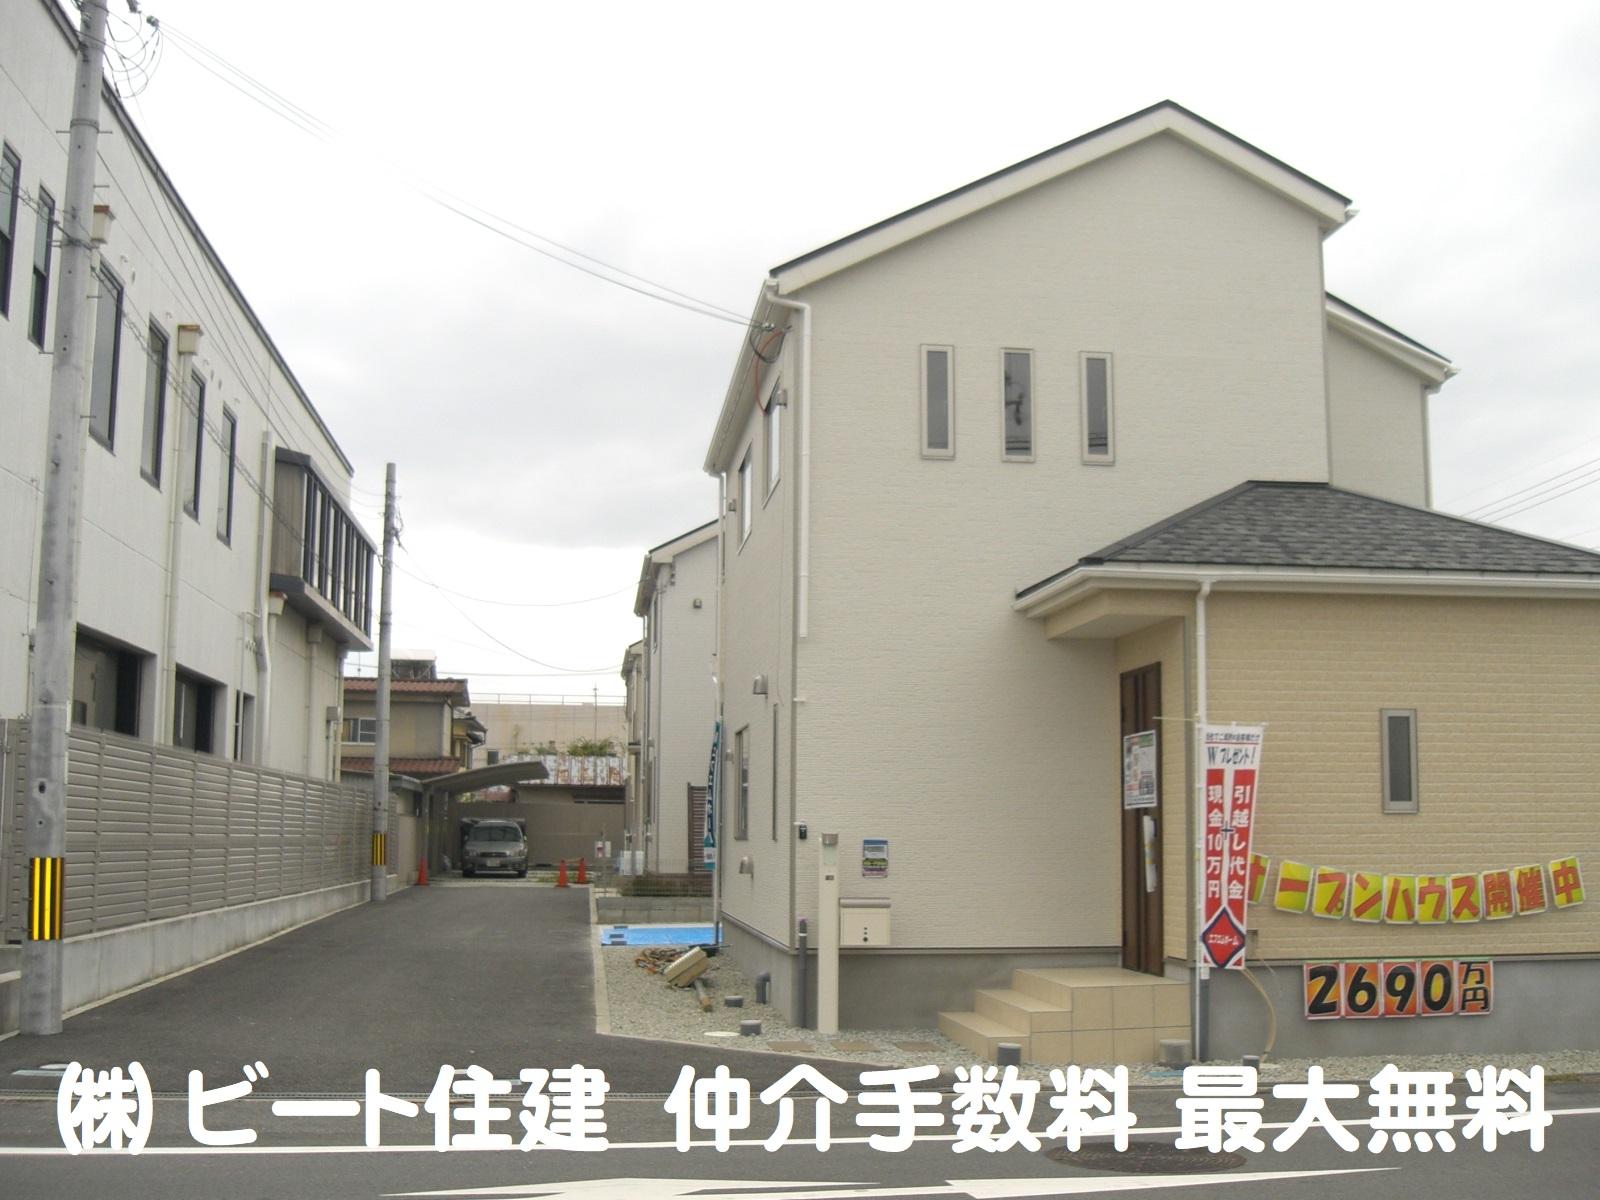 奈良県 磯城郡 川西町 結崎 新築 お買い得 仲介手数料 最大無料 値下げ 頑張ります!